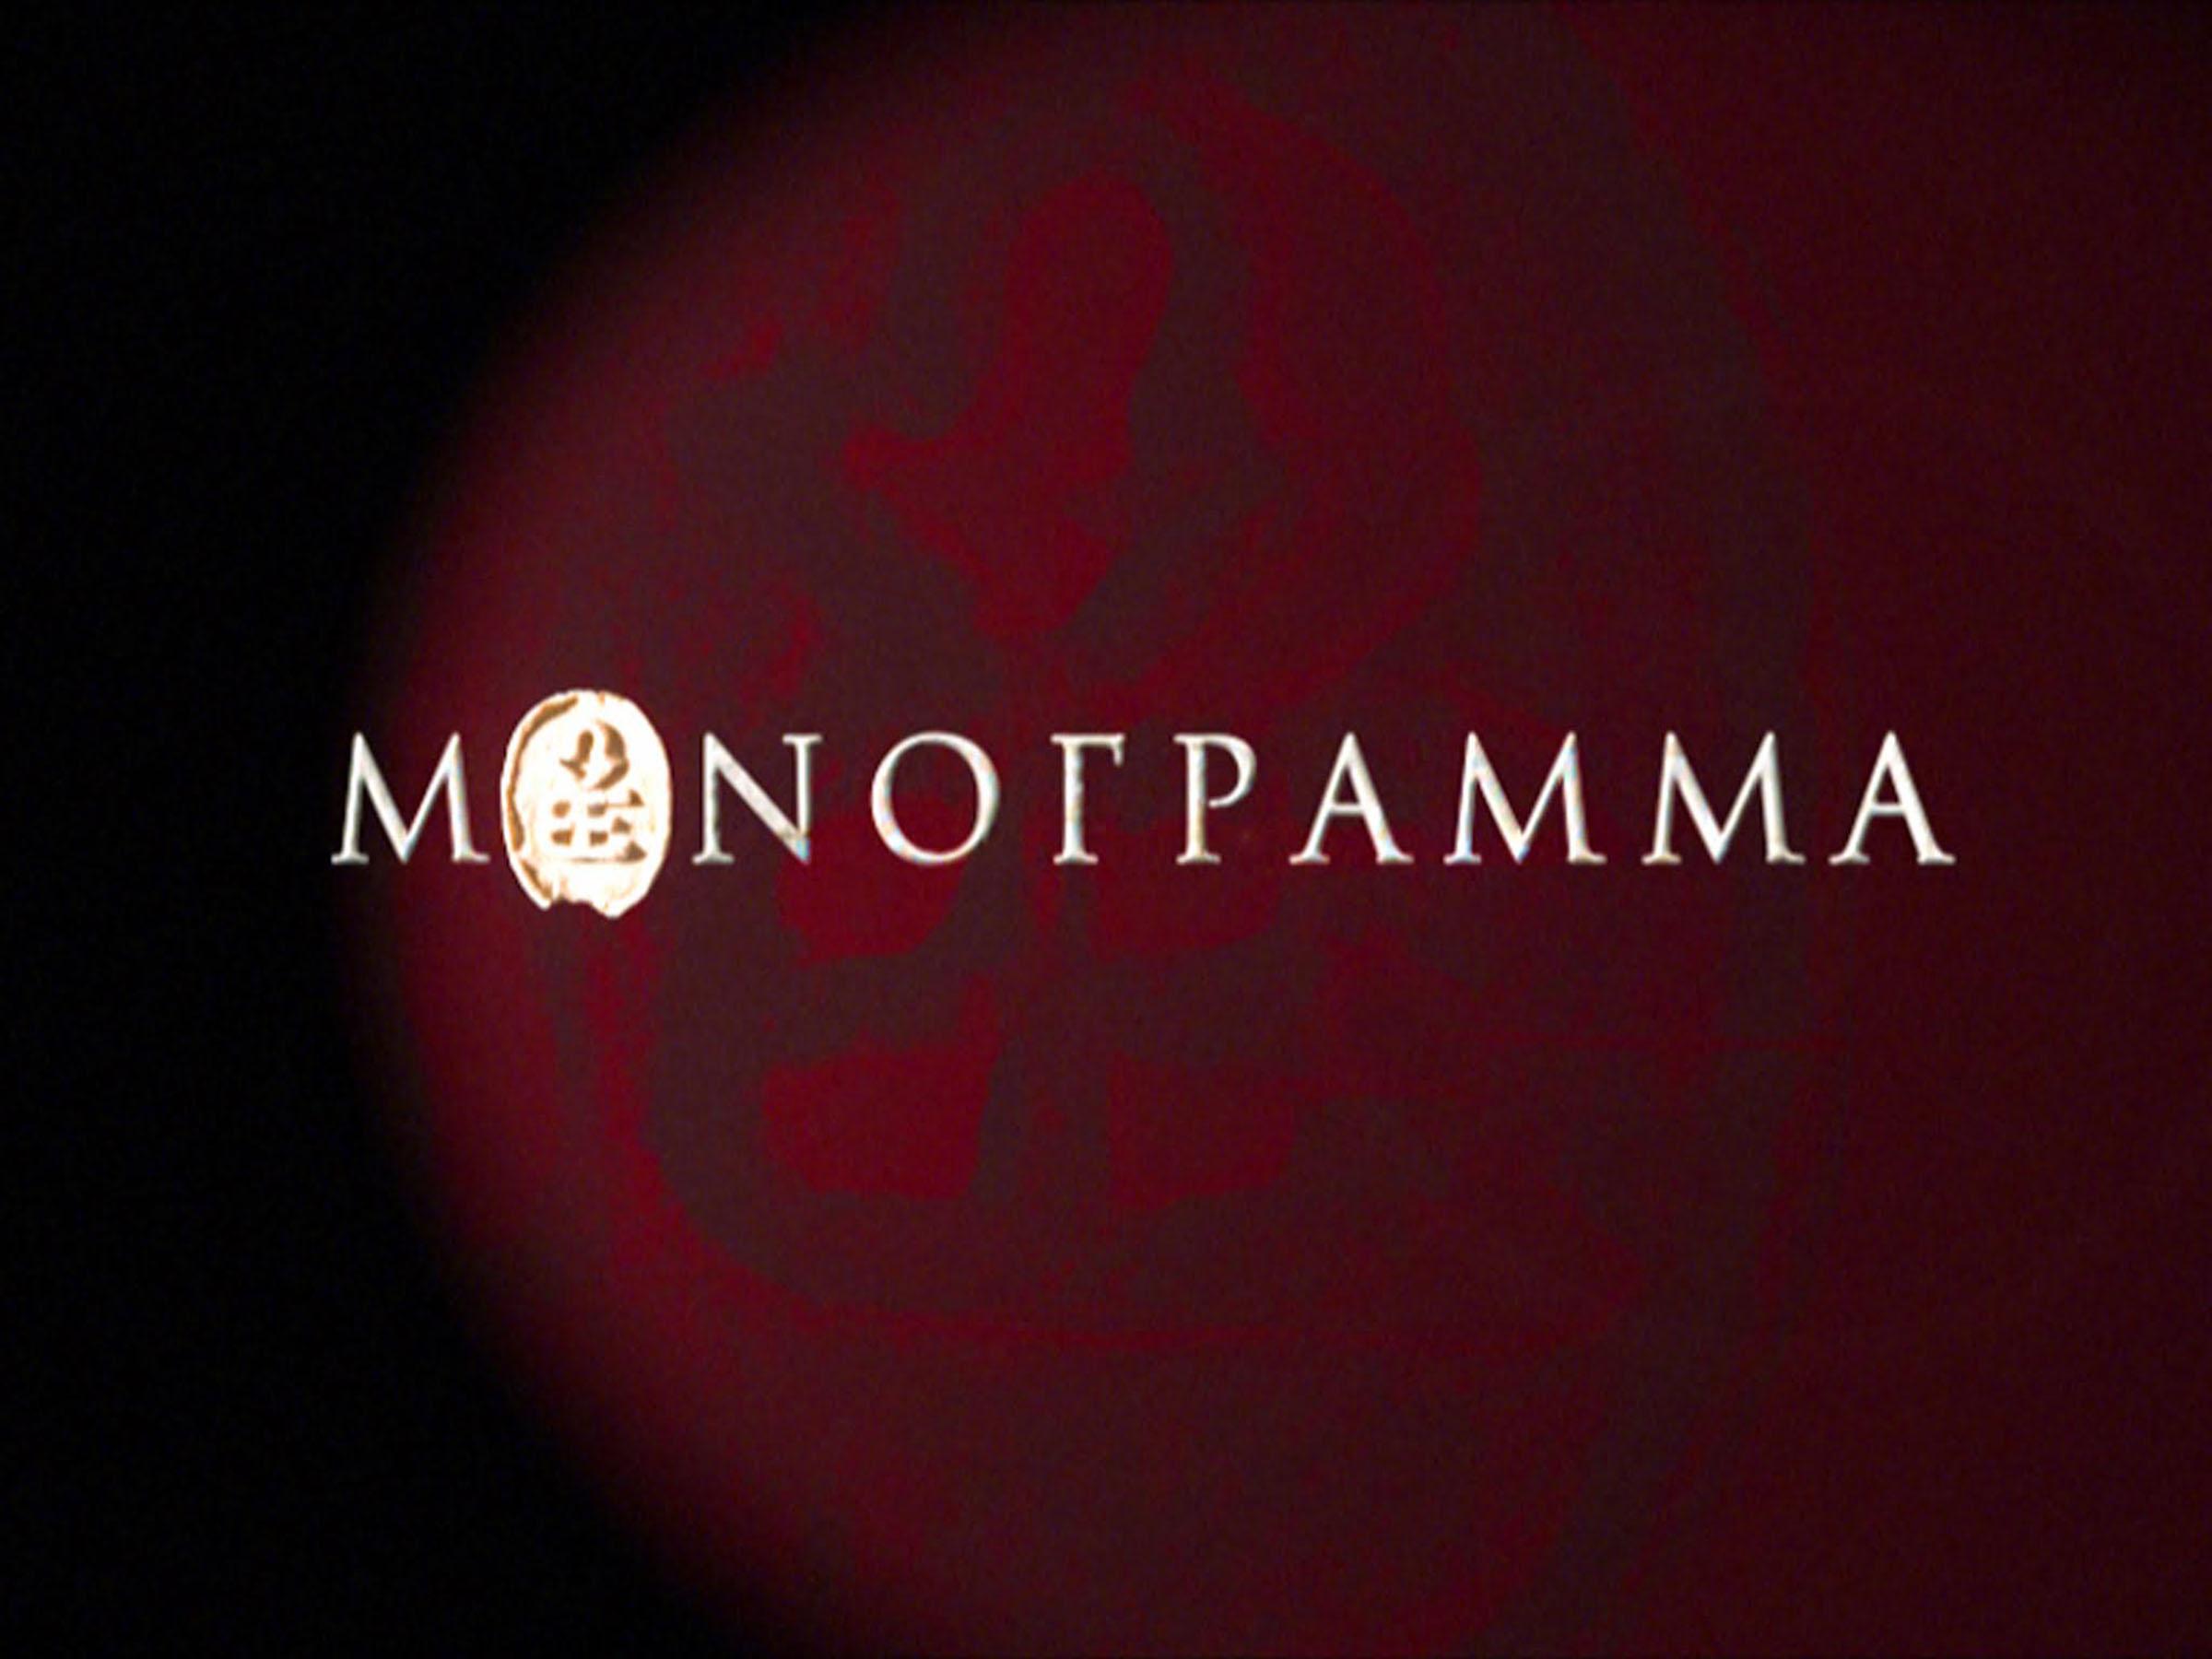 MONOGRAMMA1 (5)